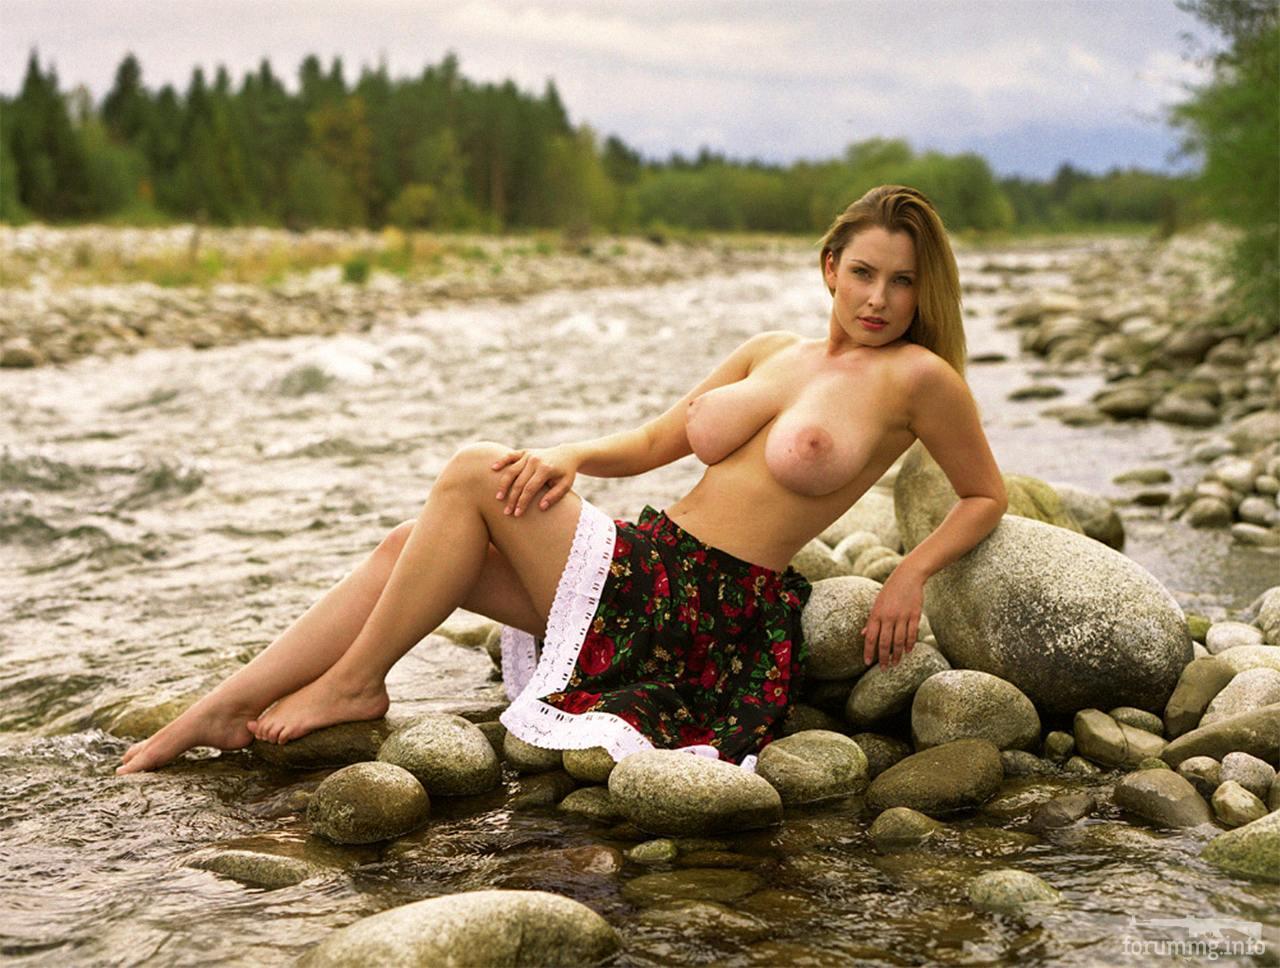 125476 - Красивые женщины